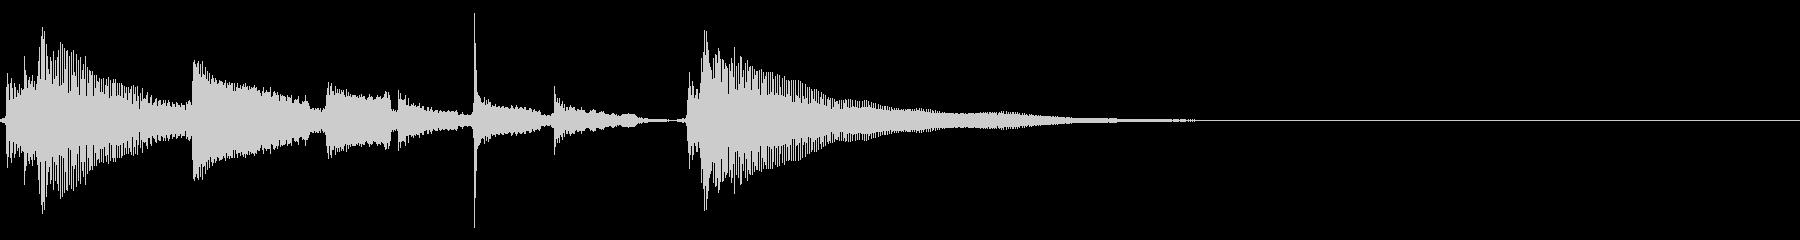 ★アコギ生音のジングル/フレットノイズの未再生の波形